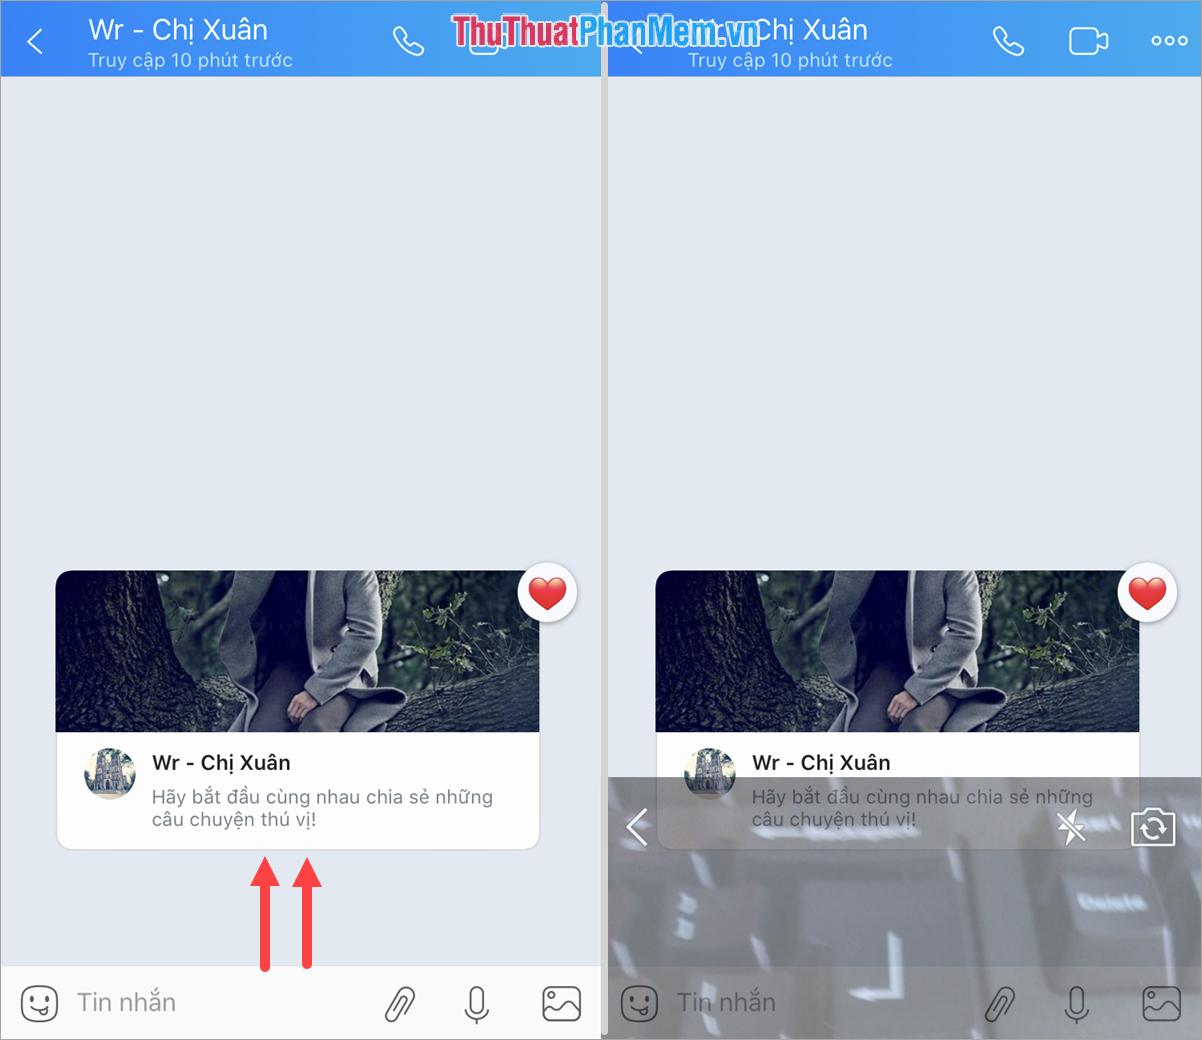 Vuốt ngược từ dưới lên để mở Tin nhắn bí mật bằng hình ảnh